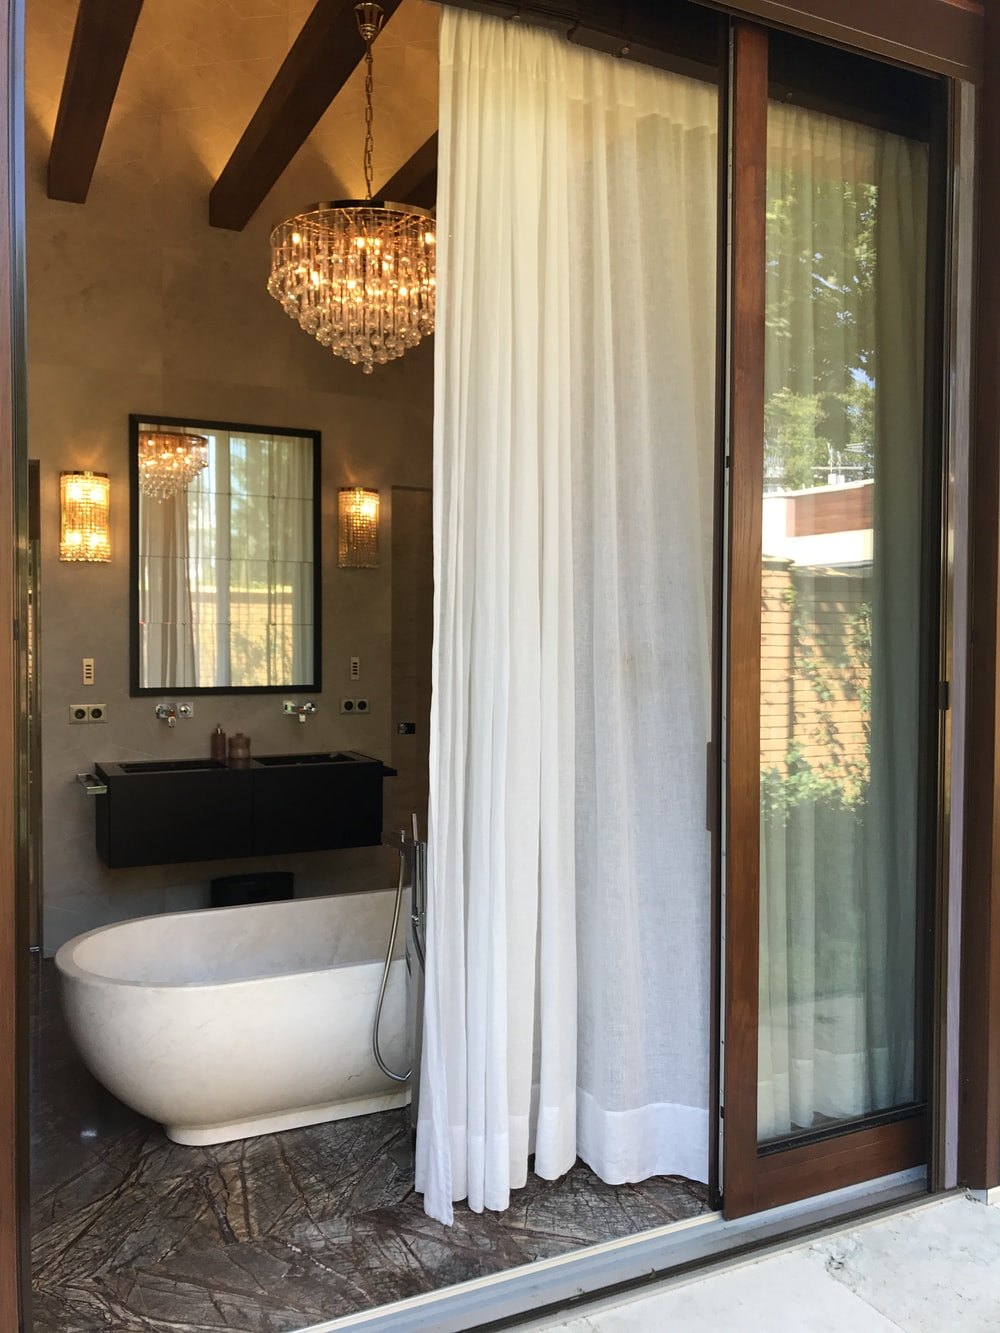 whte curtain near bath thub